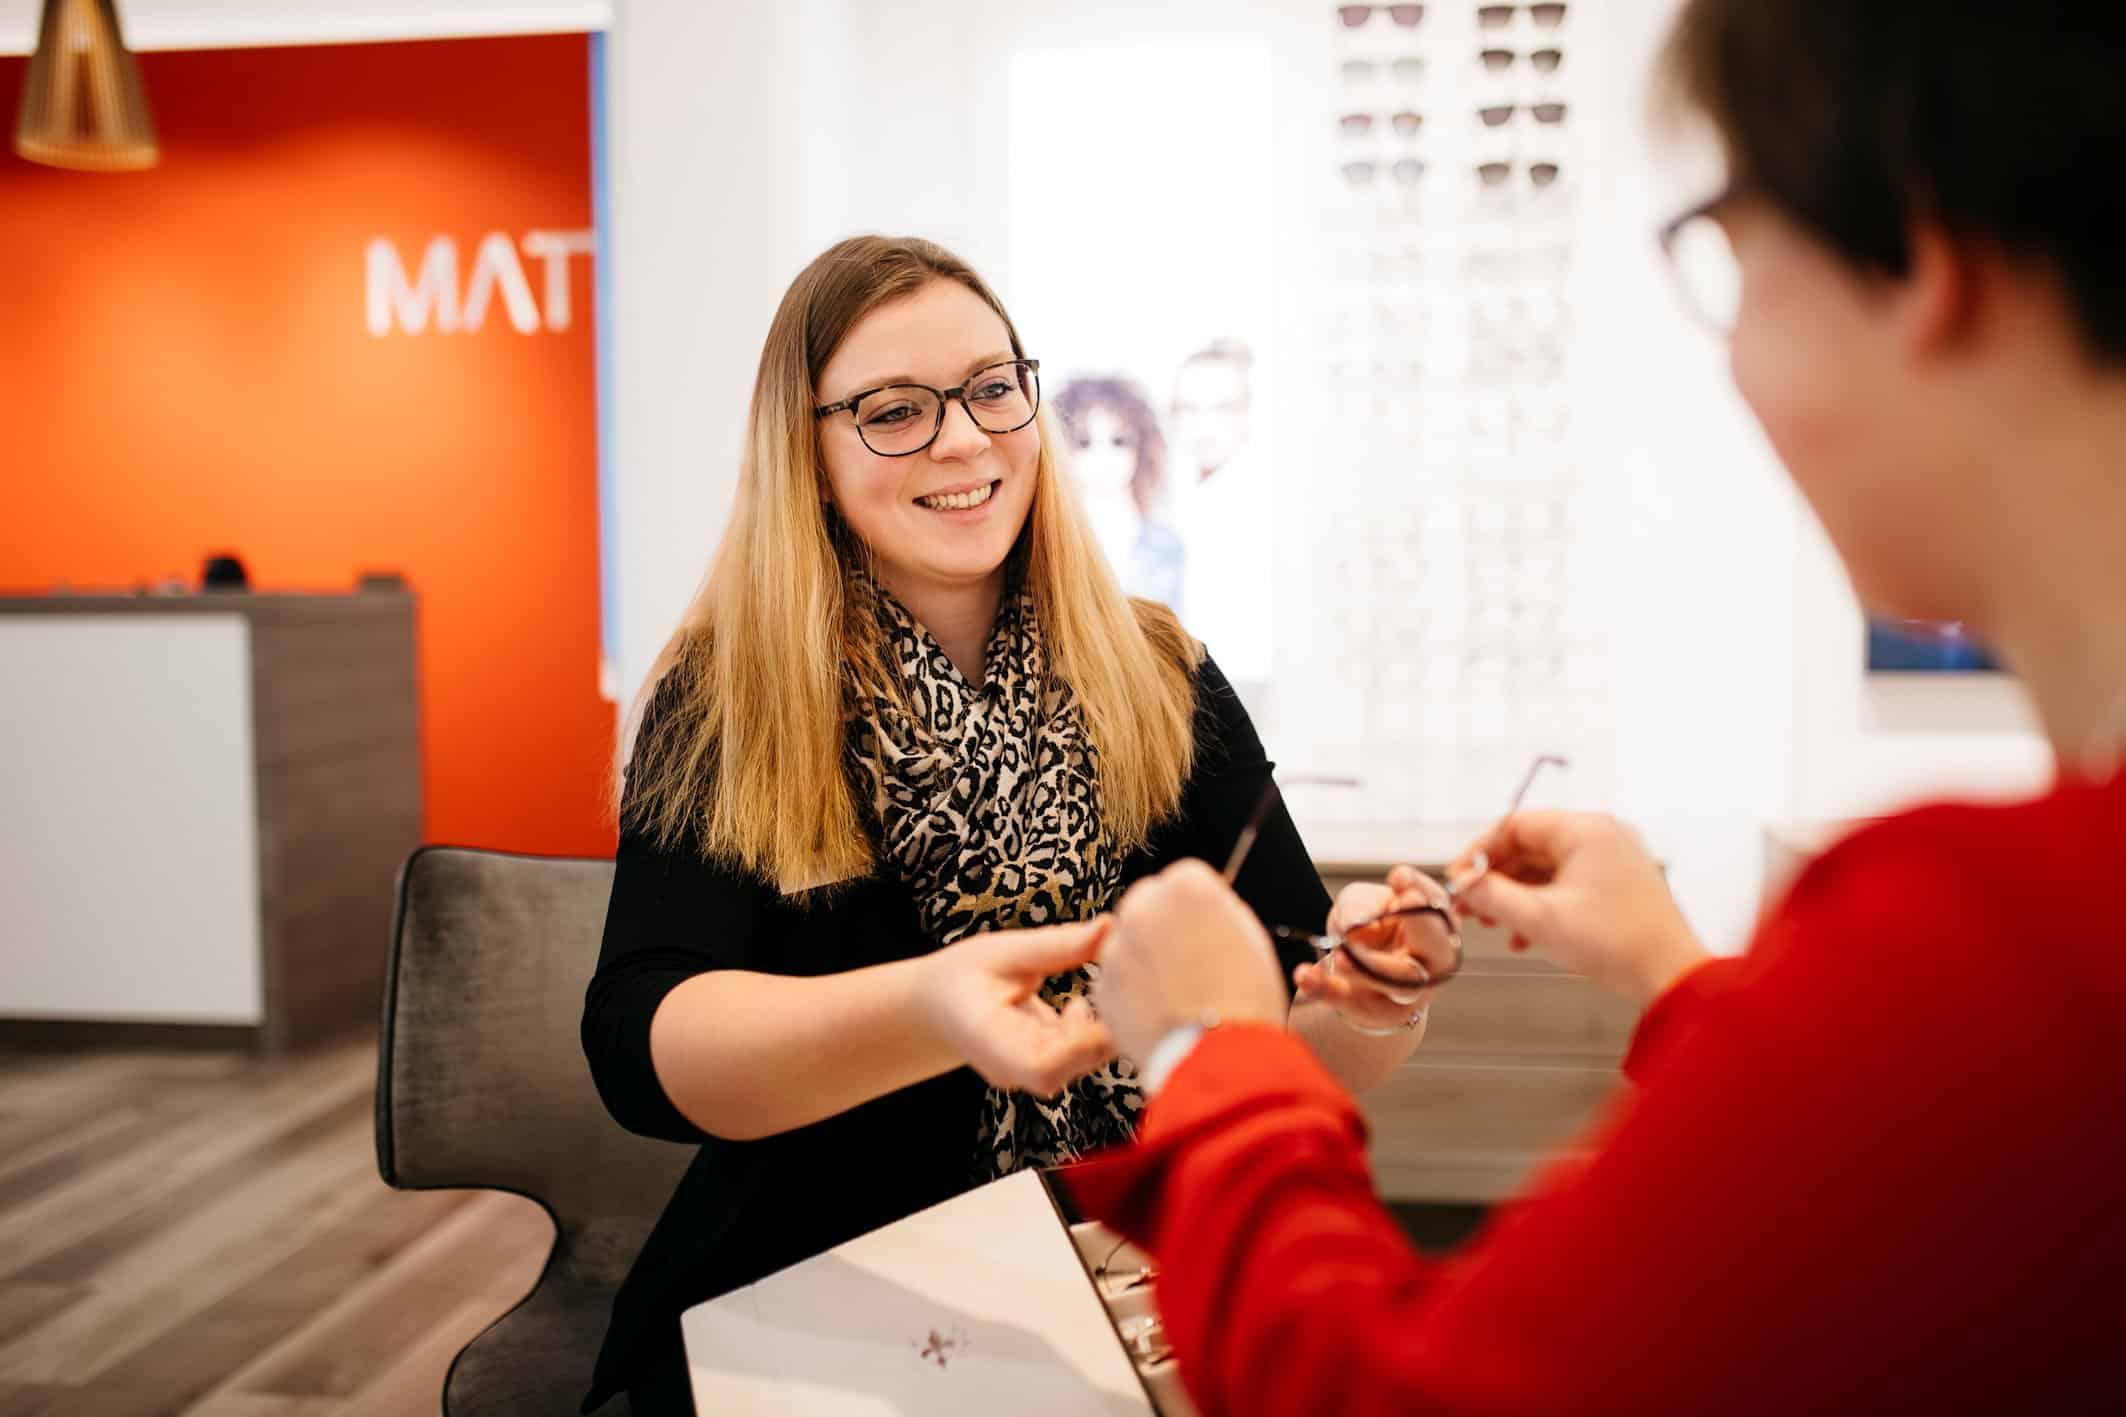 Höchstes Kundenvertrauen Regensburger Familienunternehmen MATT Optik auf Platz 1